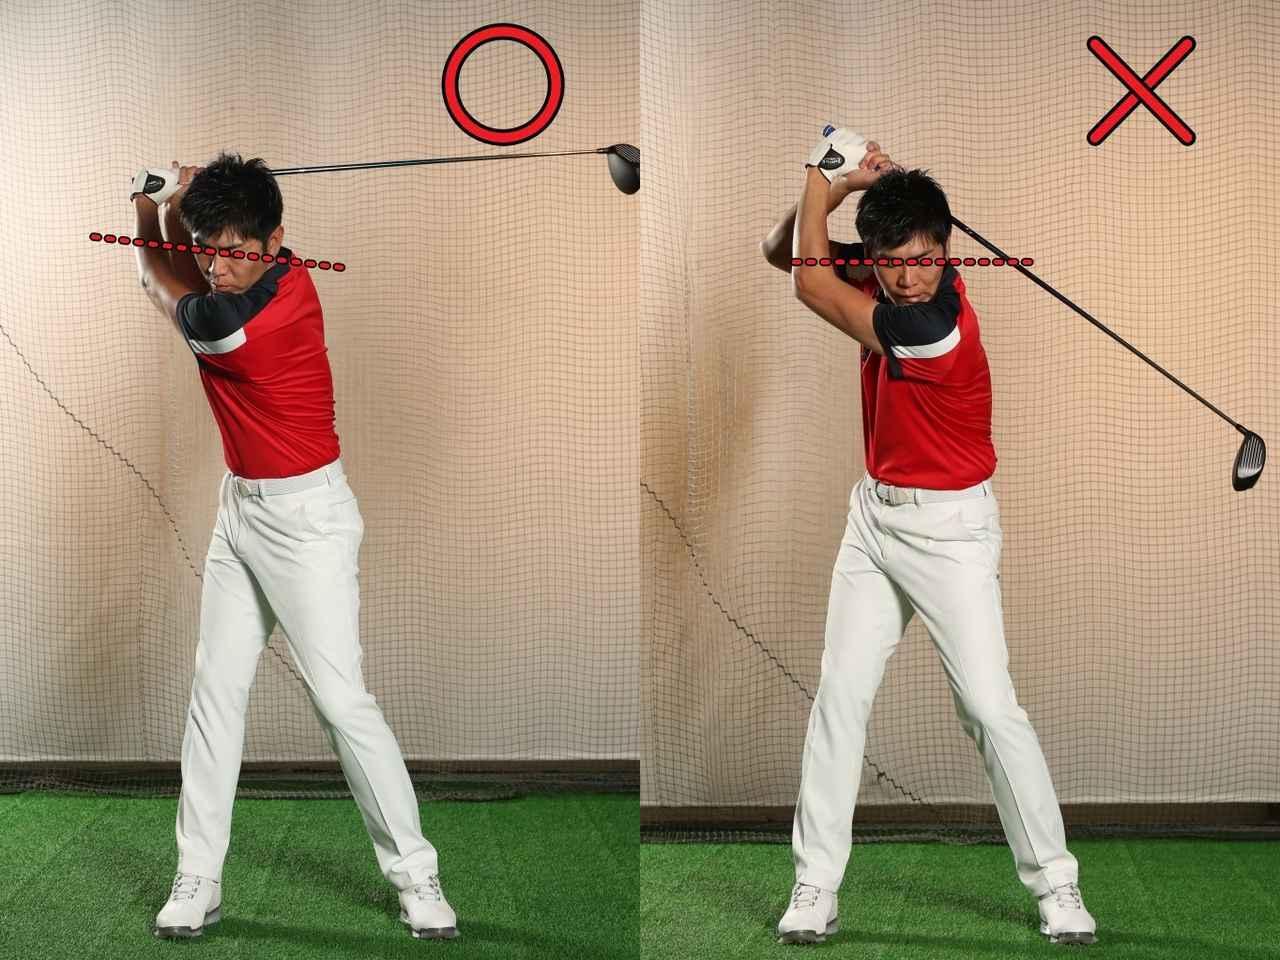 画像: 両目を結ぶラインが傾く、つまり視界が傾くことに違和感を持つと「前後軸」を中心とした体の振り子のようなタテの回転が損なわれてしまう可能性が高いので注意が必要だ